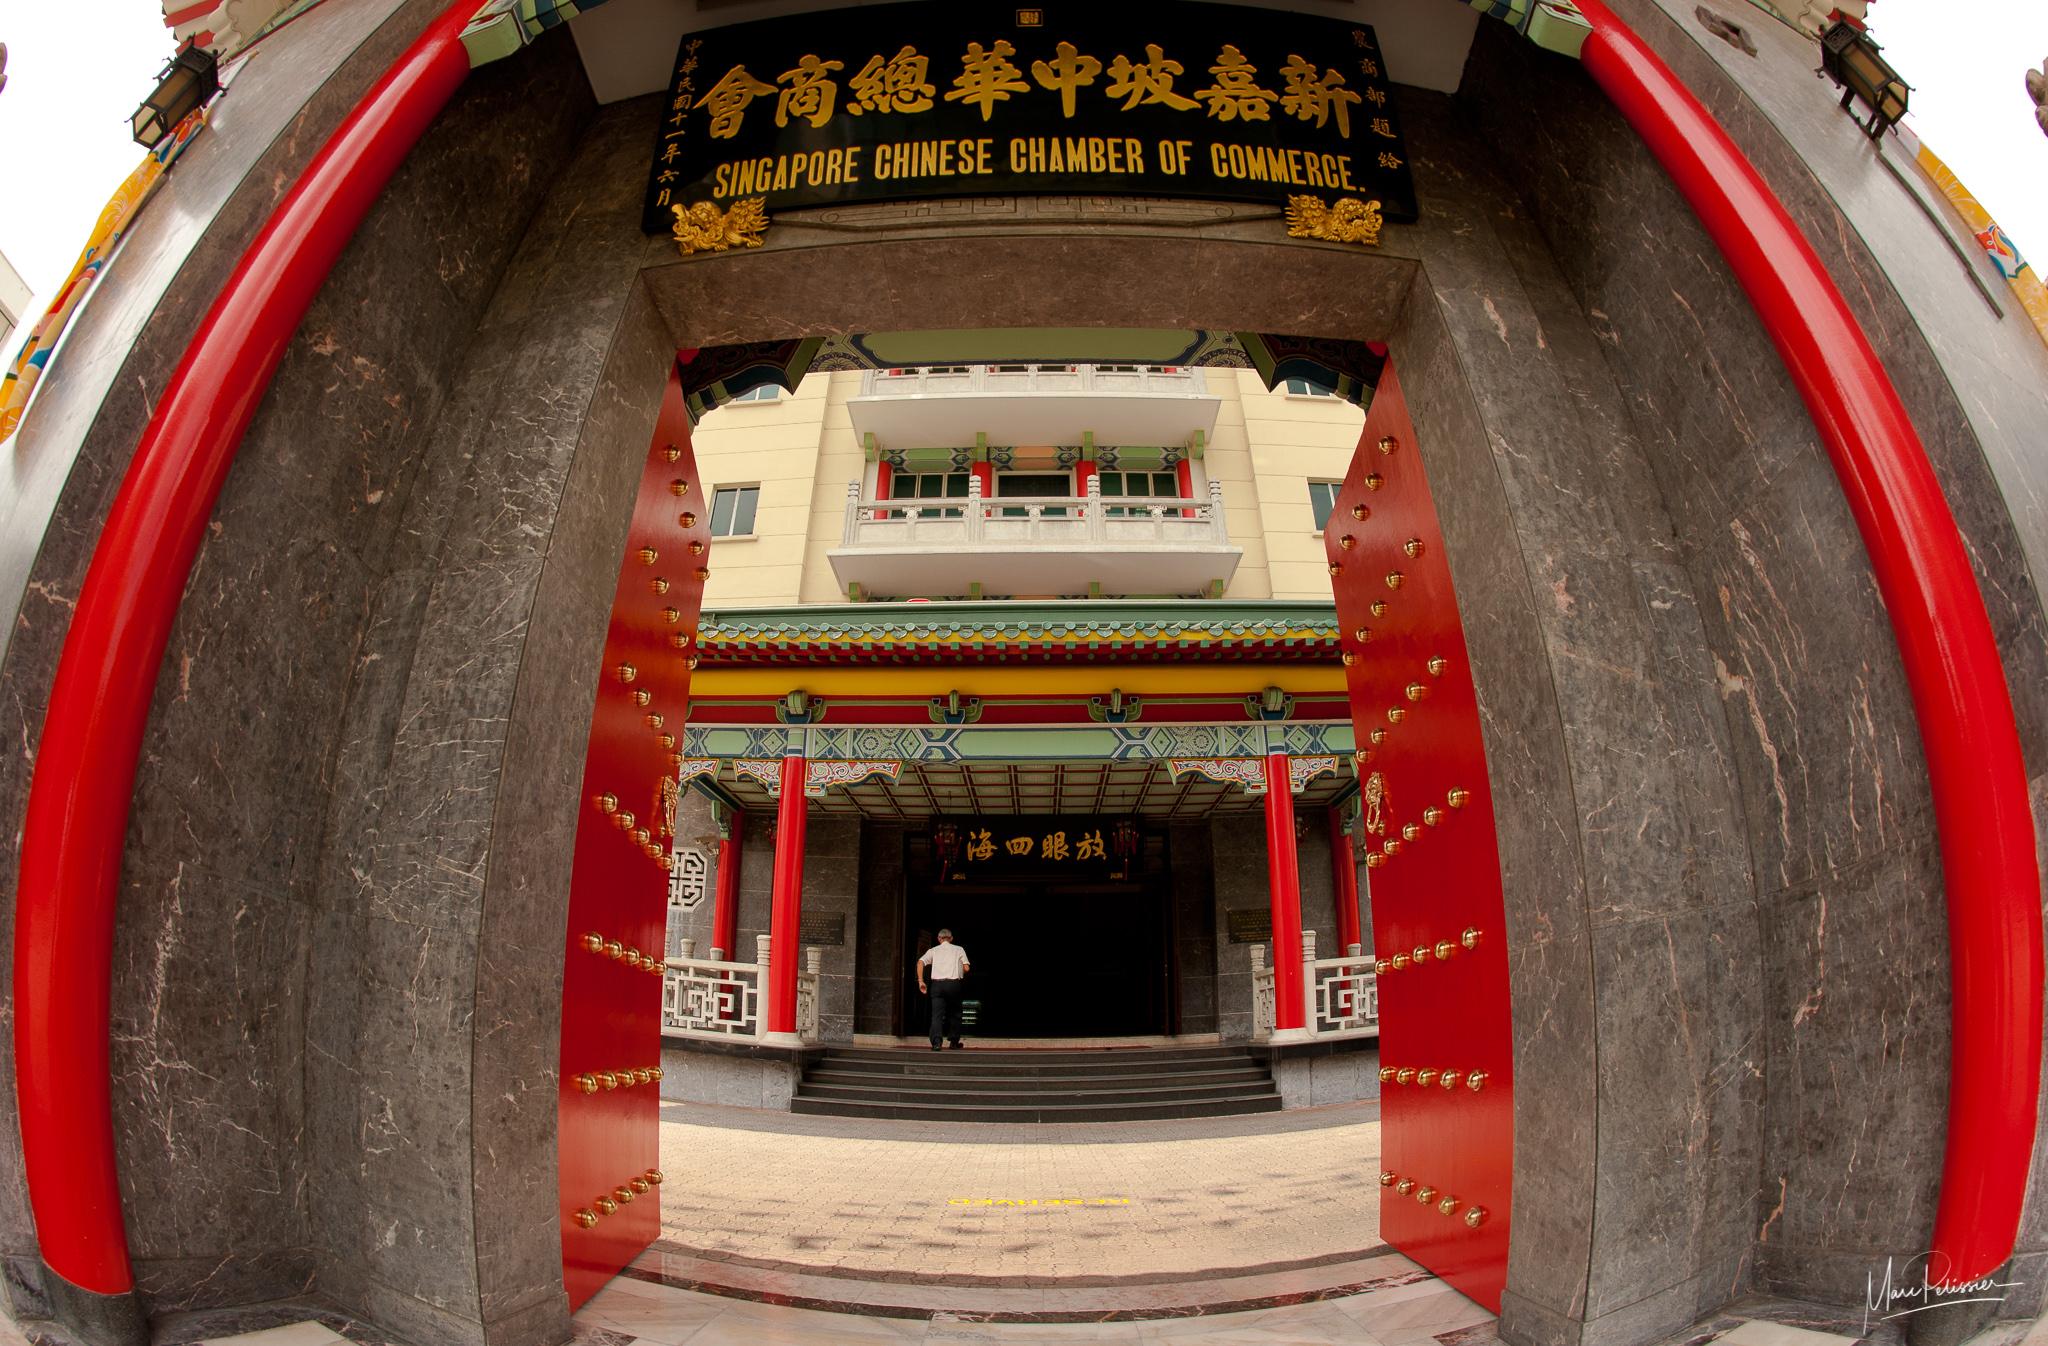 Chamber of commerce door, Singapore